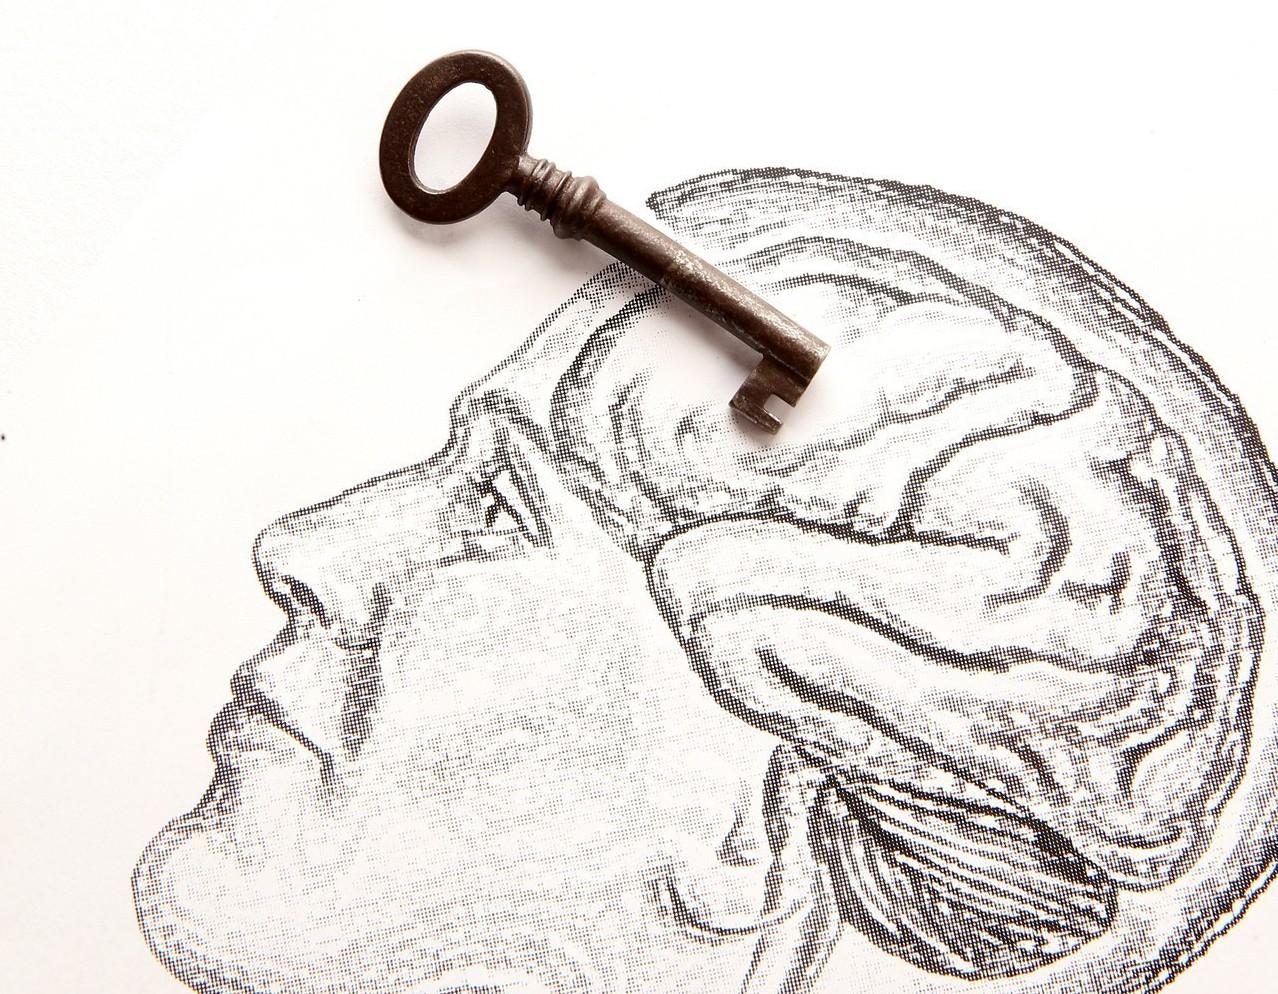 符合輕度行為障礙(MBI)症狀的人並非必然走向失智。圖/聯合報系資料照片